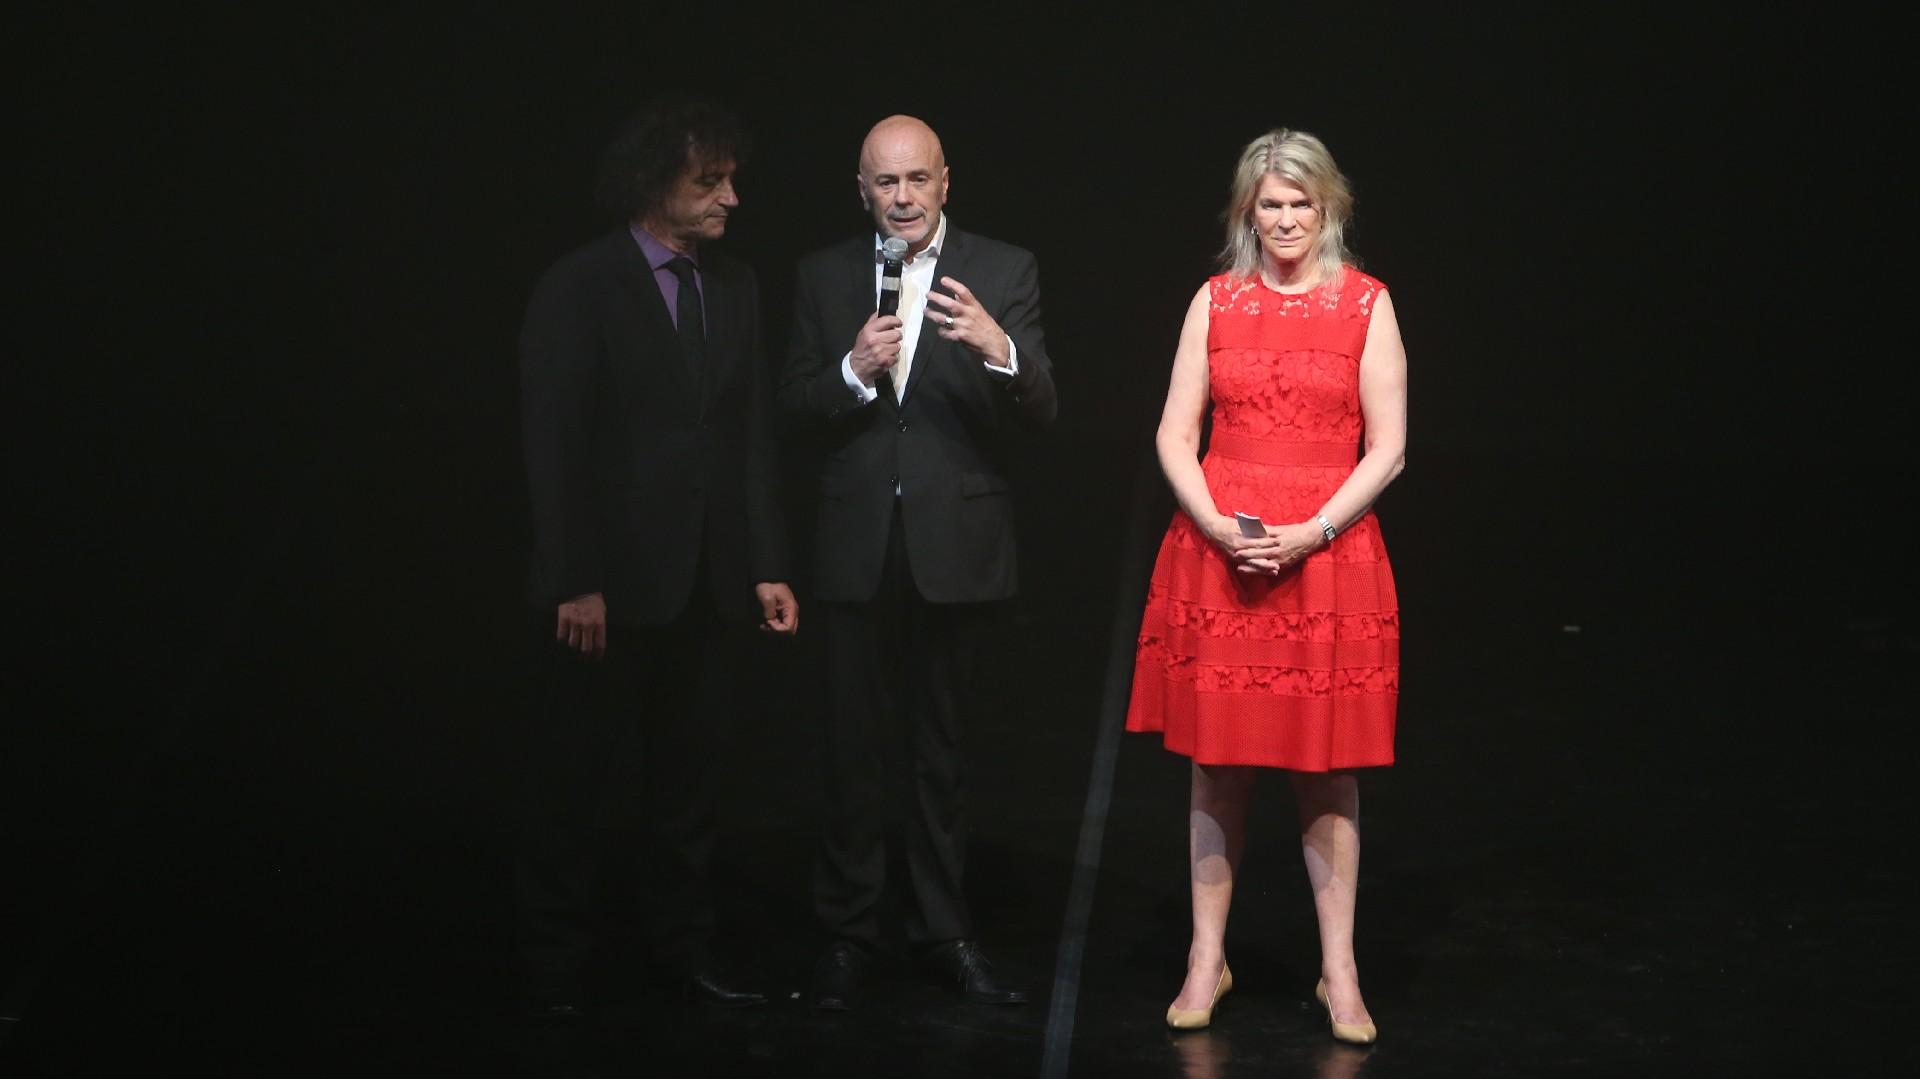 Eva Thesleff de Soldati en el escenario del Teatro de la Ribera junto al ministro de Cultura porteño, Ángel Mahler, y al director del Complejo Teatral de Buenos Aires, Jorge Telerman